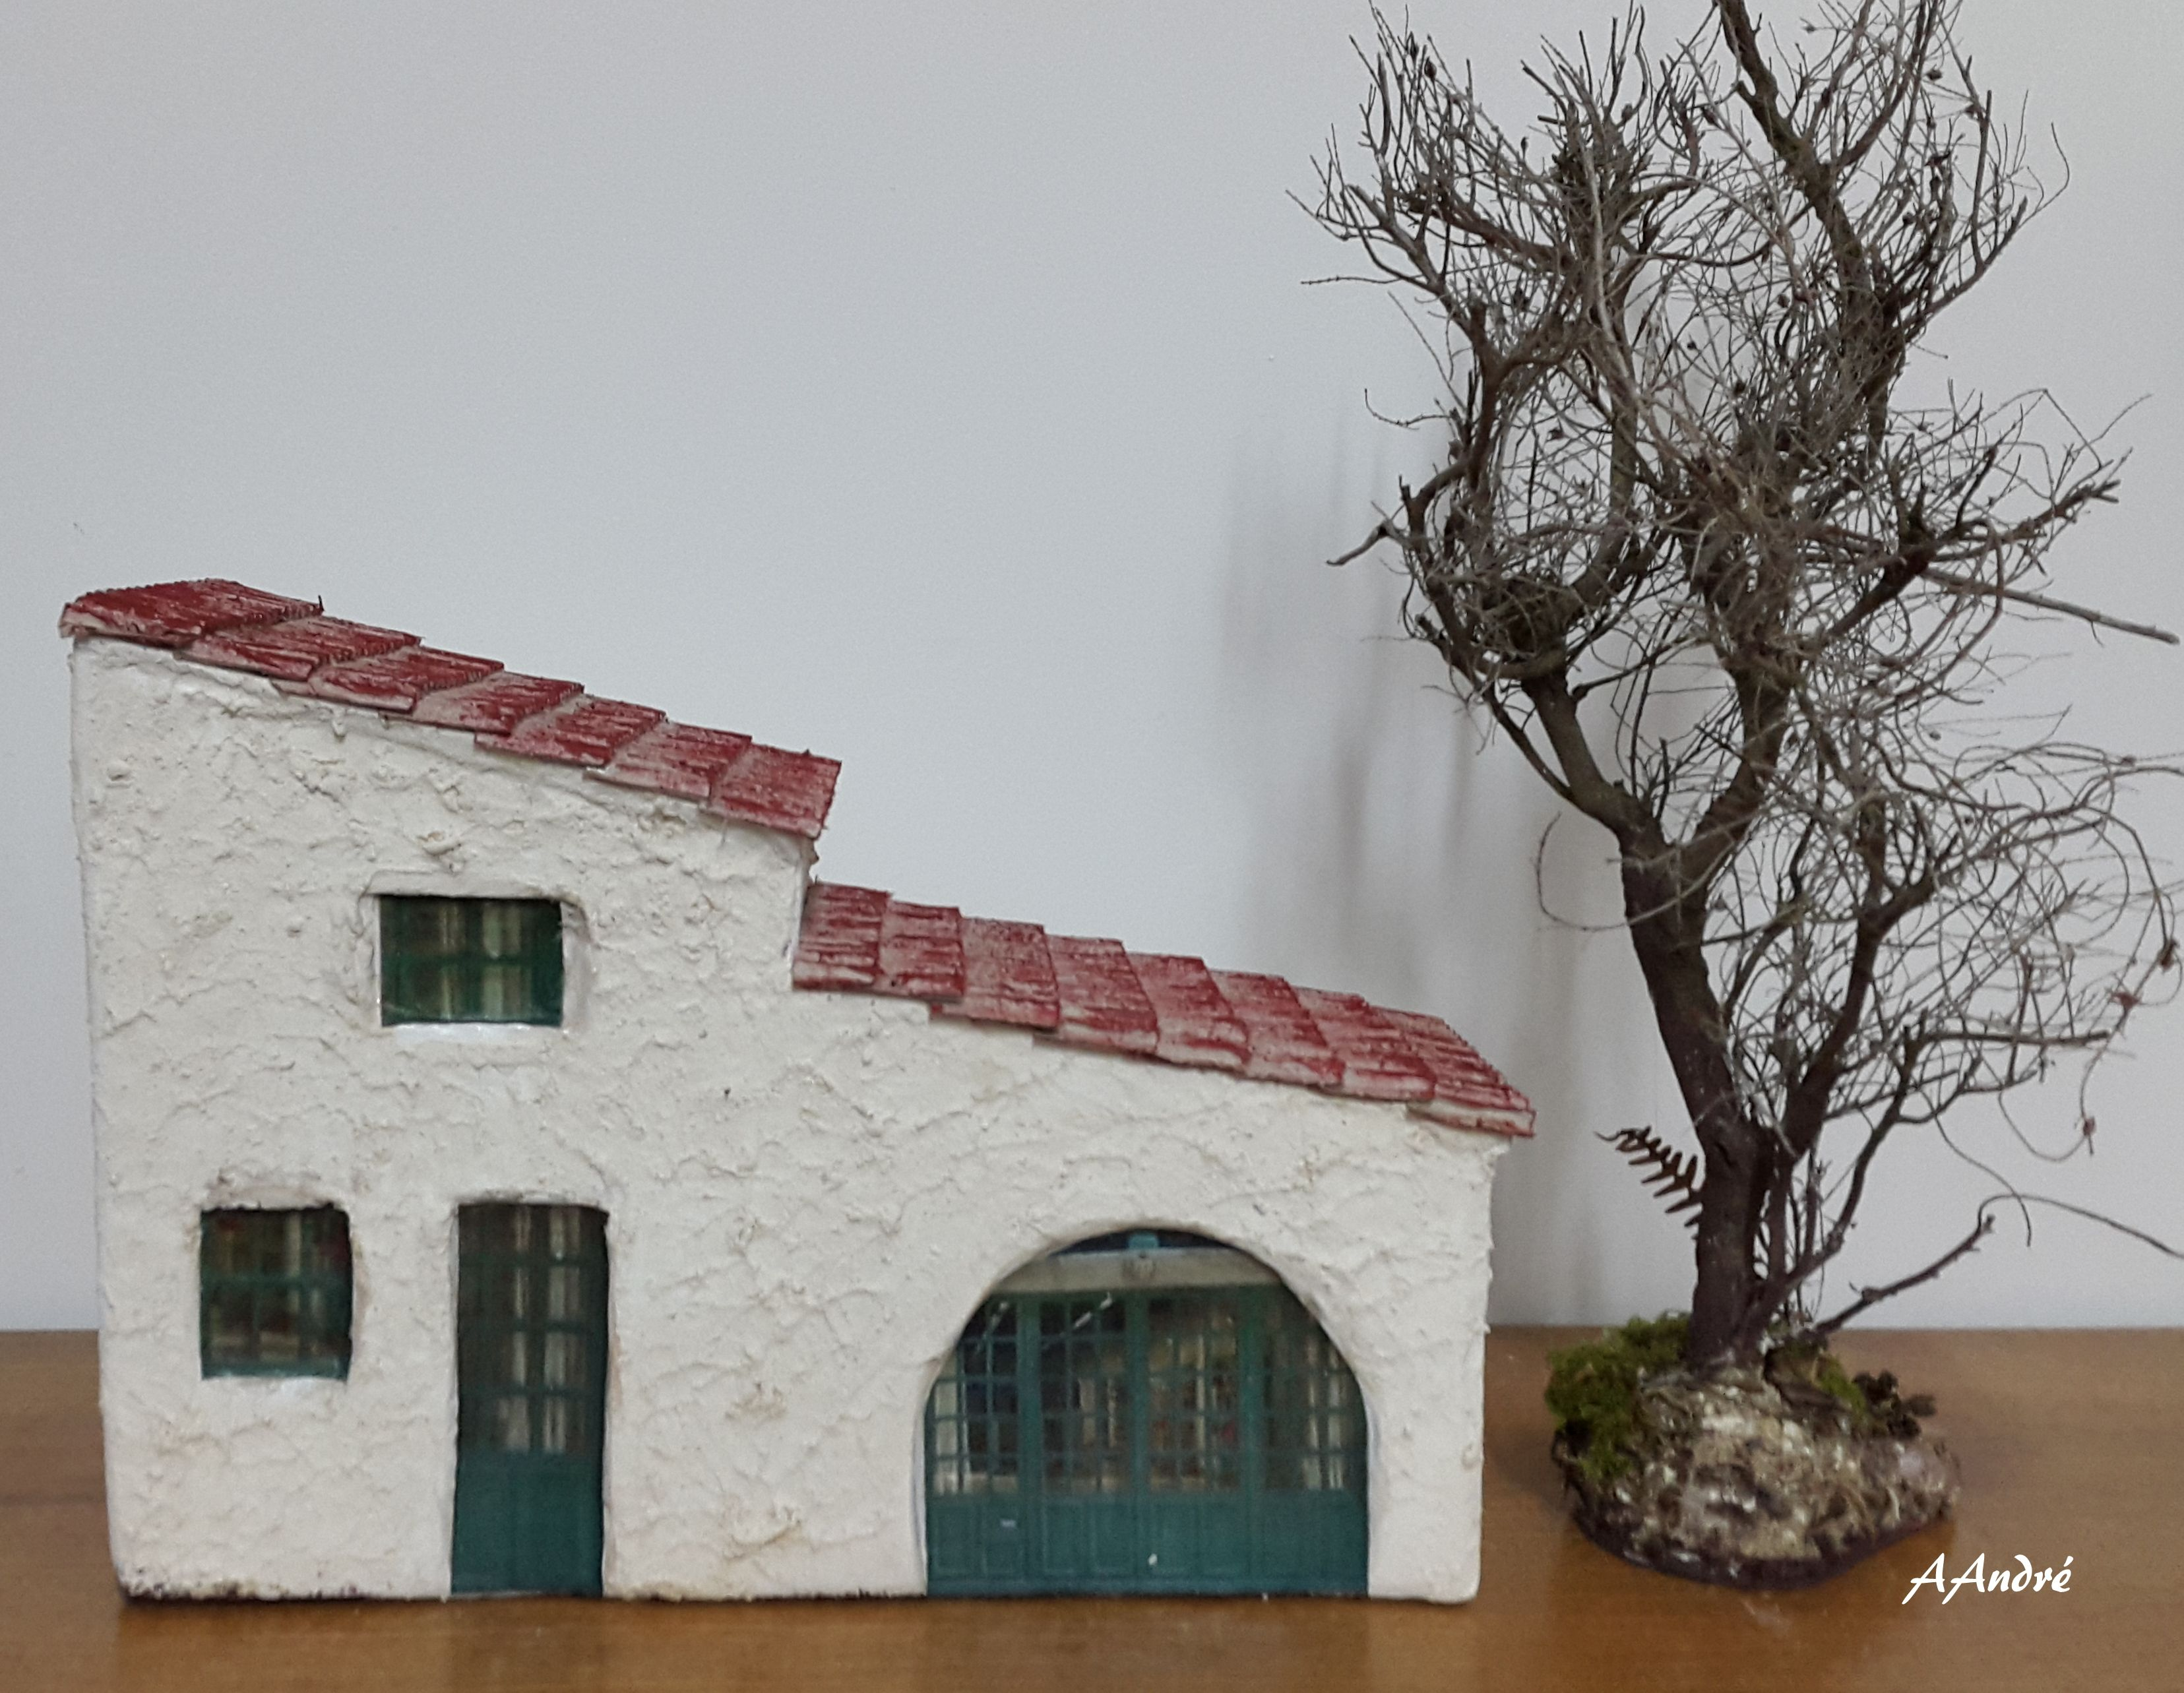 Fabriquer une maison en carton pour creche de noel for Maison a fabriquer